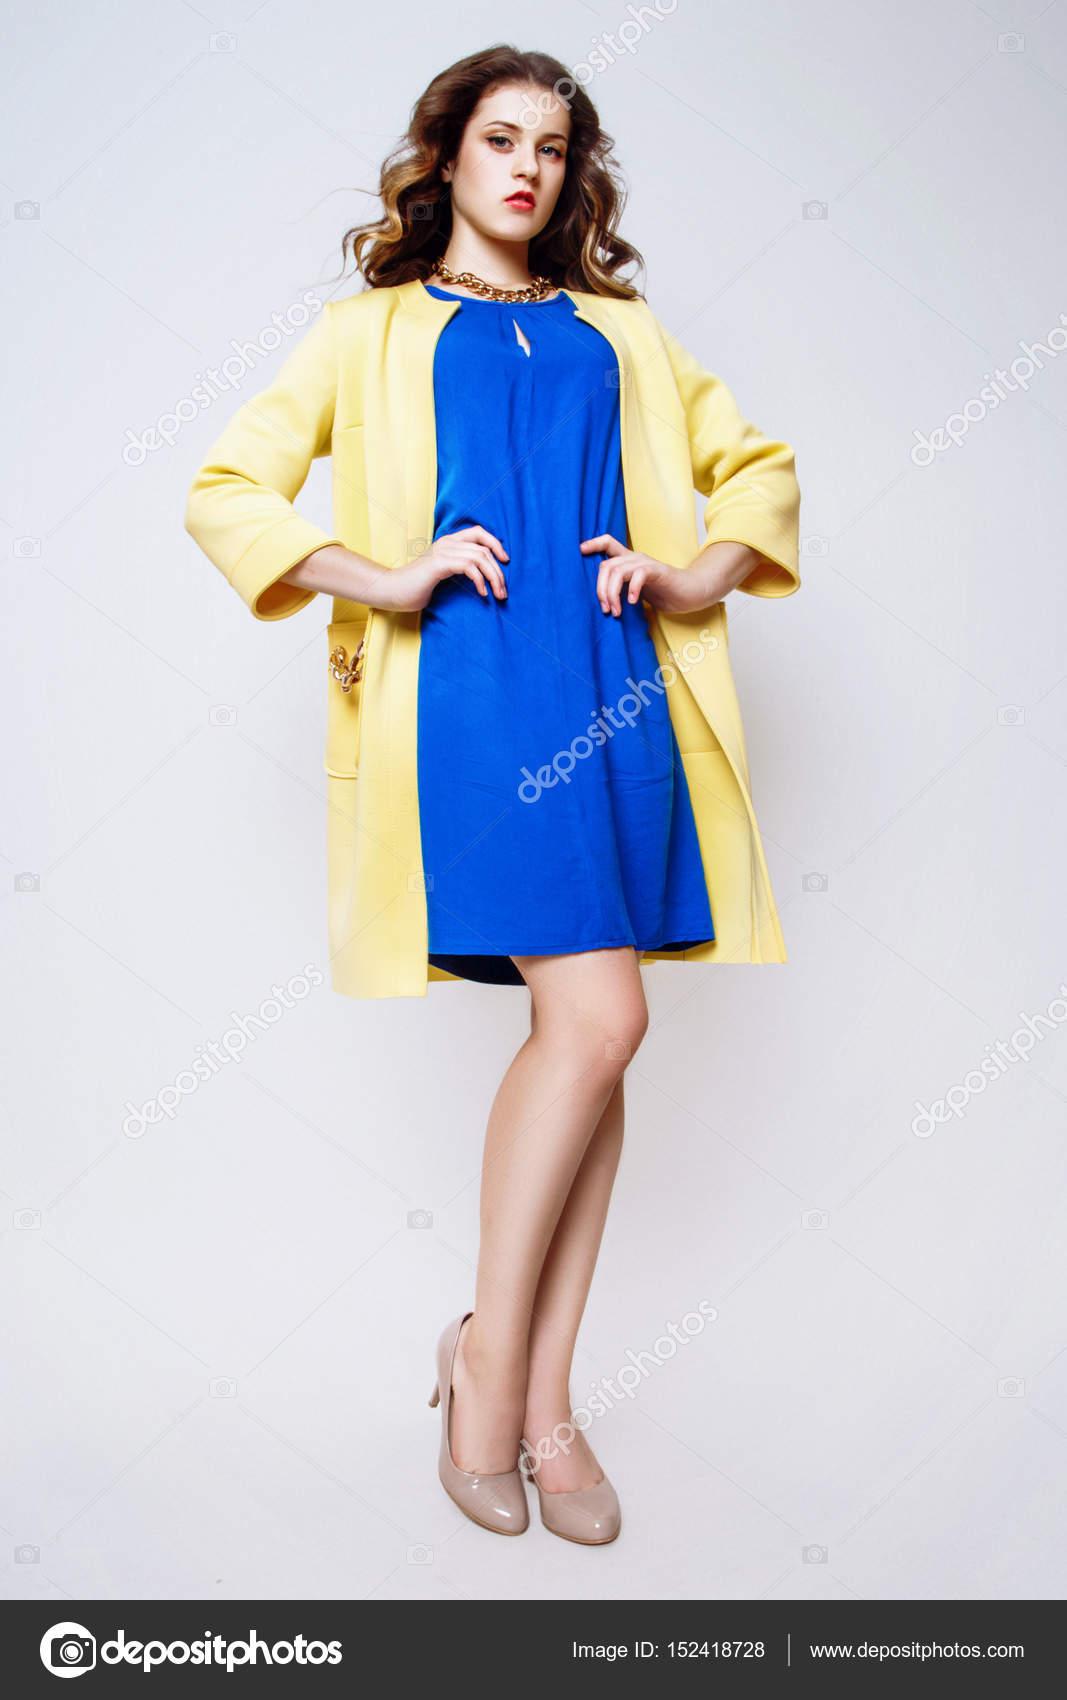 Modefoto jungen Frau auf weißem Hintergrund. Gekleidet in ein blaues Kleid  und einen gelben Mantel. Mädchen posiert. Studio Foto — Foto von  YuliiaChupina 72cecc5be6